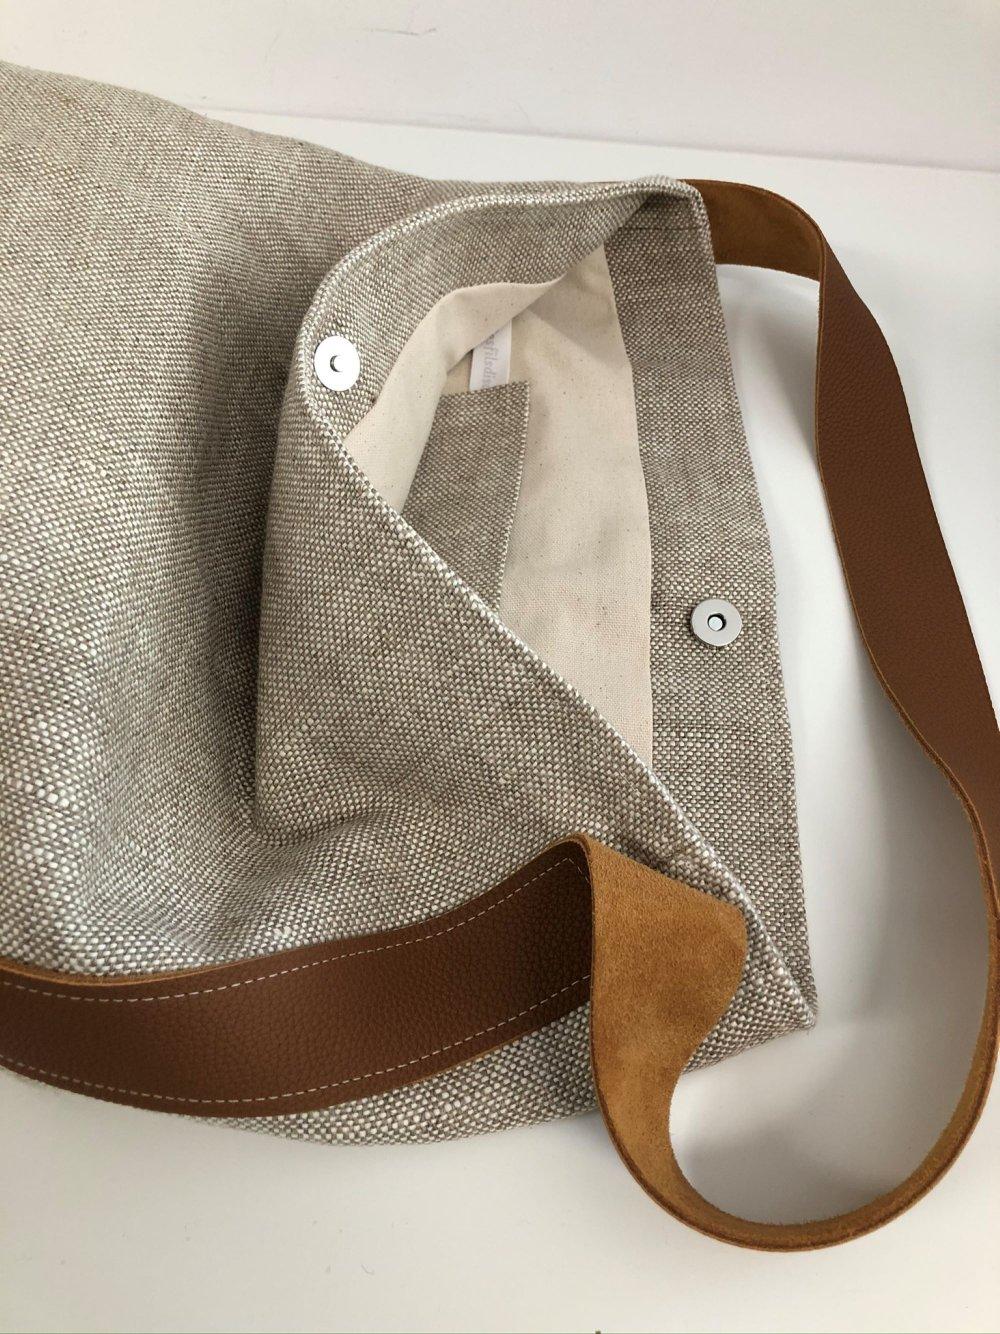 Sac seau en pur lin naturel, anse cuir fauve surpiquée / Sac porté épaule lin beige et cuir / Sac fourre-tout femme personnalisable